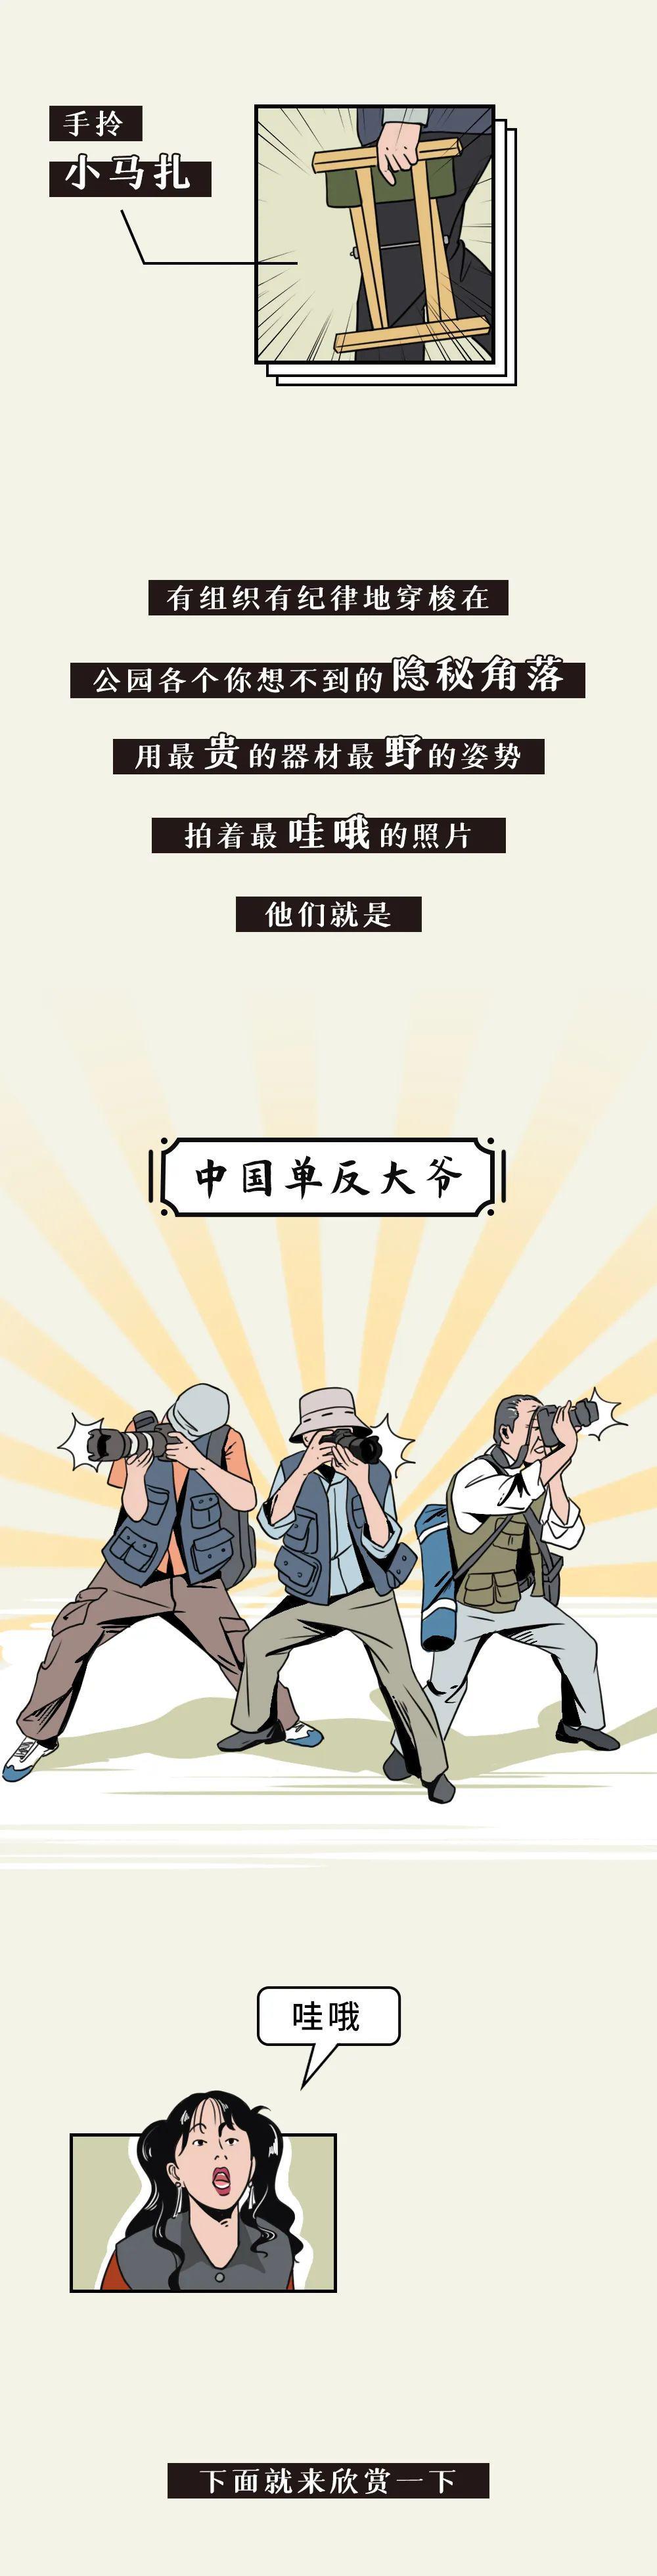 中国单反大爷:站在摄影鄙视链顶端的王者